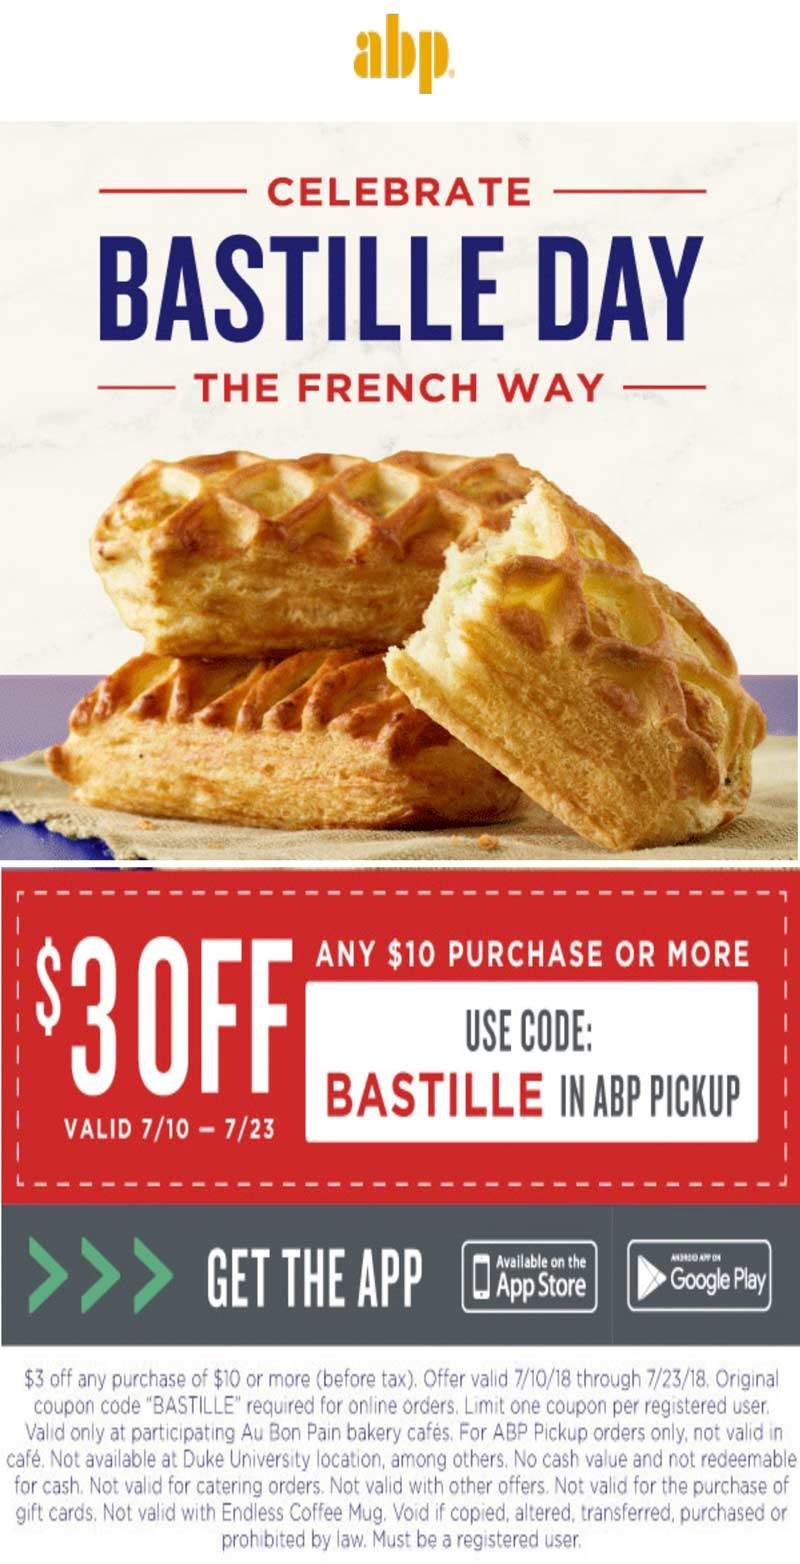 AuBonPain.com Promo Coupon $3 off $10 at Au Bon Pain restaurants via promo code BASTILLE